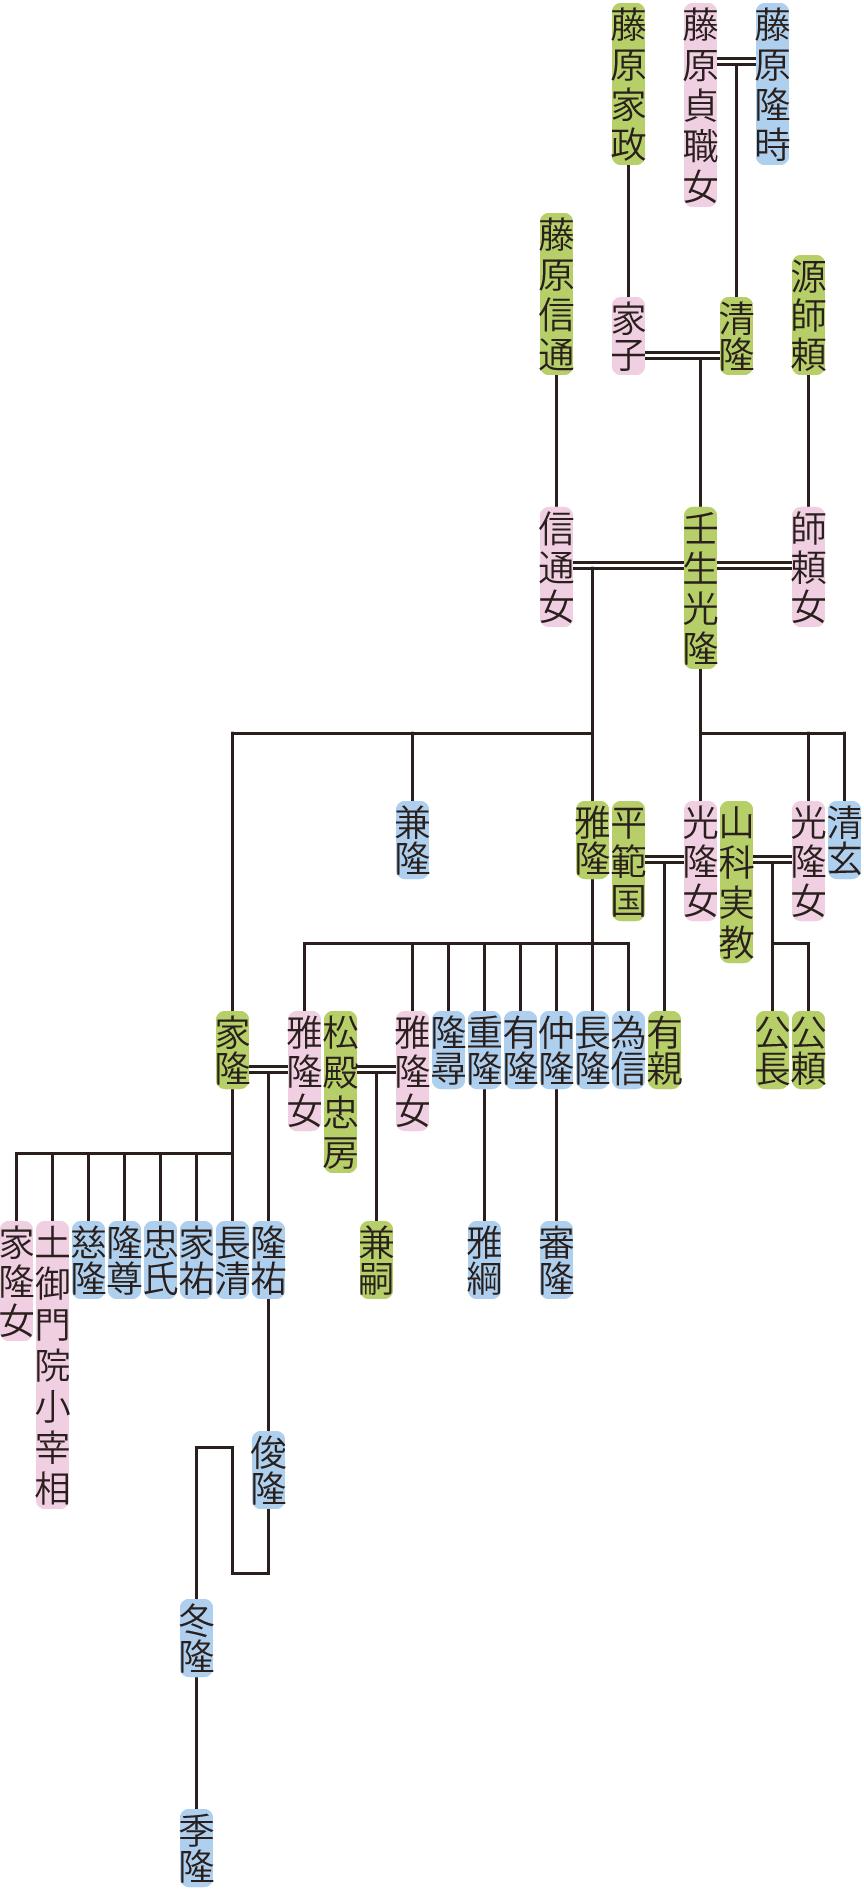 壬生光隆の系図